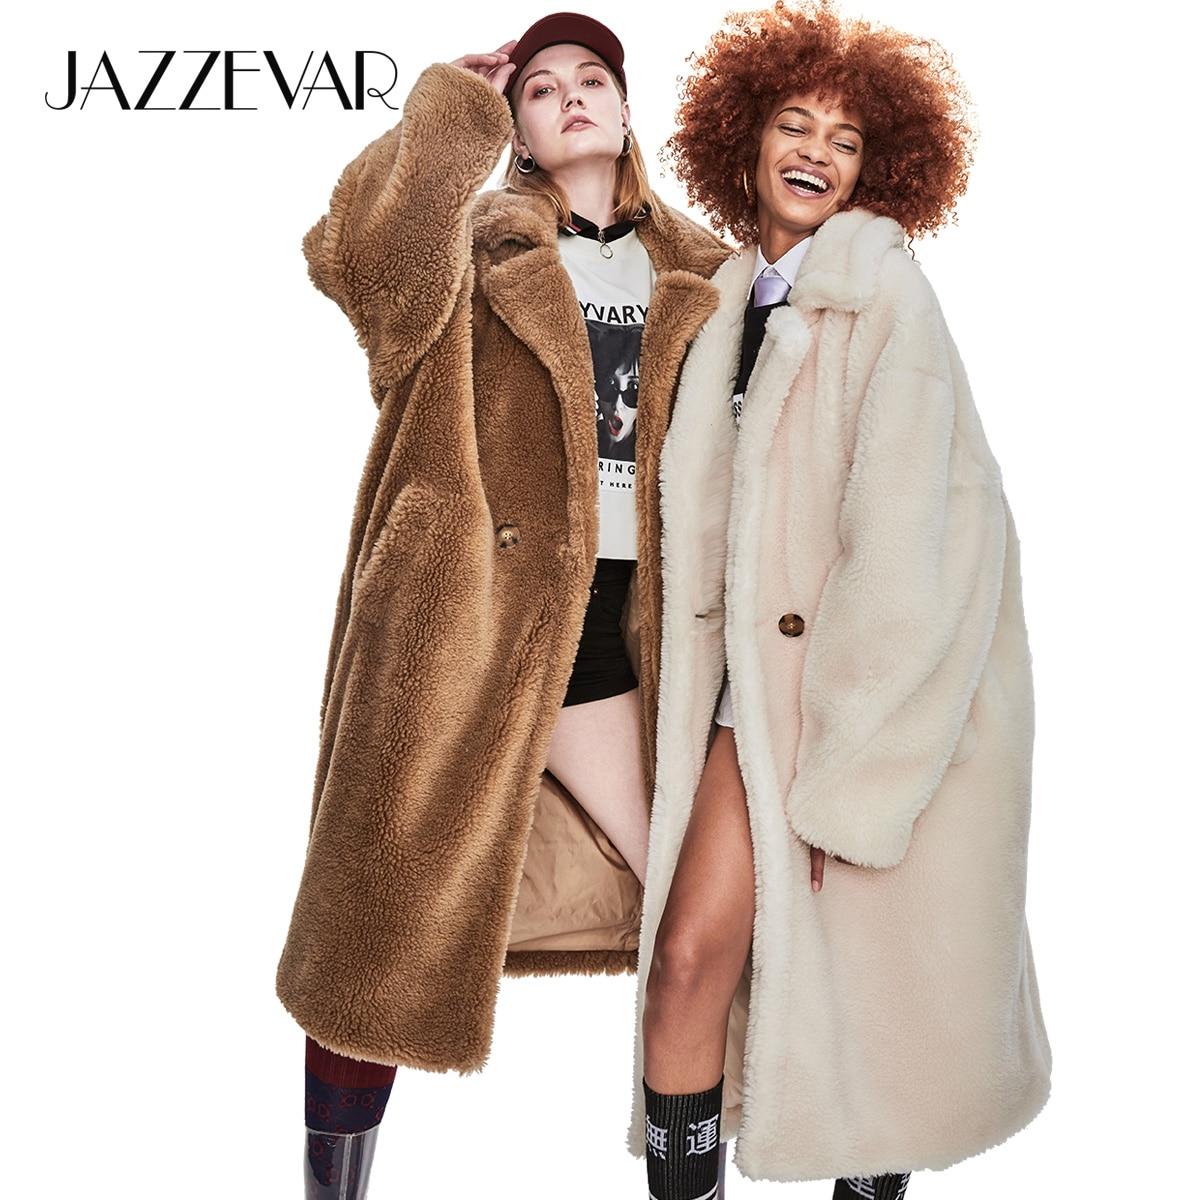 JAZZEVAR 2019 hiver nouveau haute couture femmes ours en peluche icône Parka x long manteau surdimensionné épais chaud vêtements de dessus lâche-in Laine et mélanges from Mode Femme et Accessoires    1